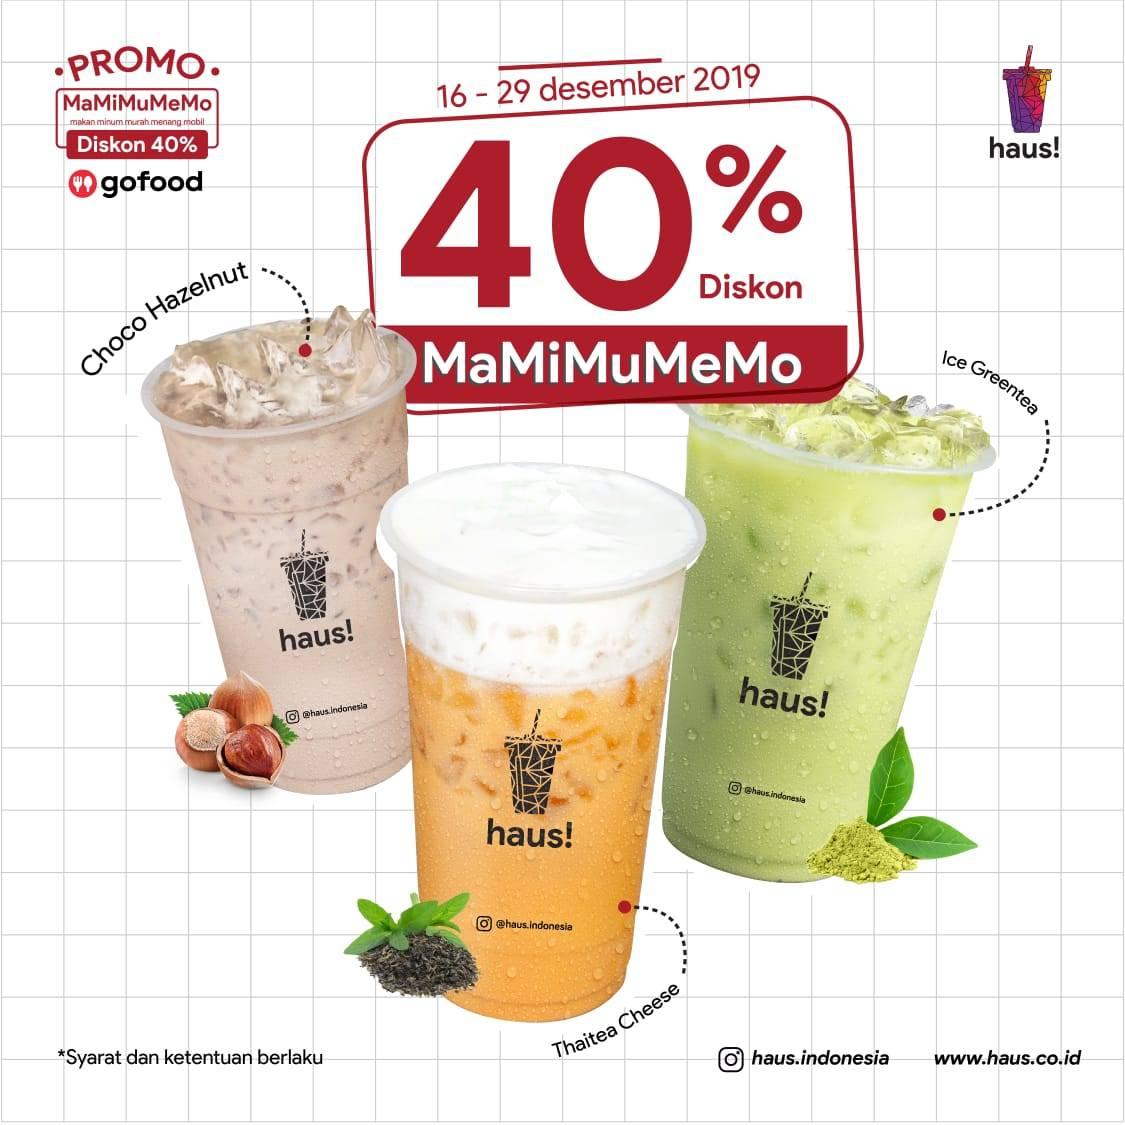 HAUS! Indonesia Promo Mamimumemo, Diskon 40%!